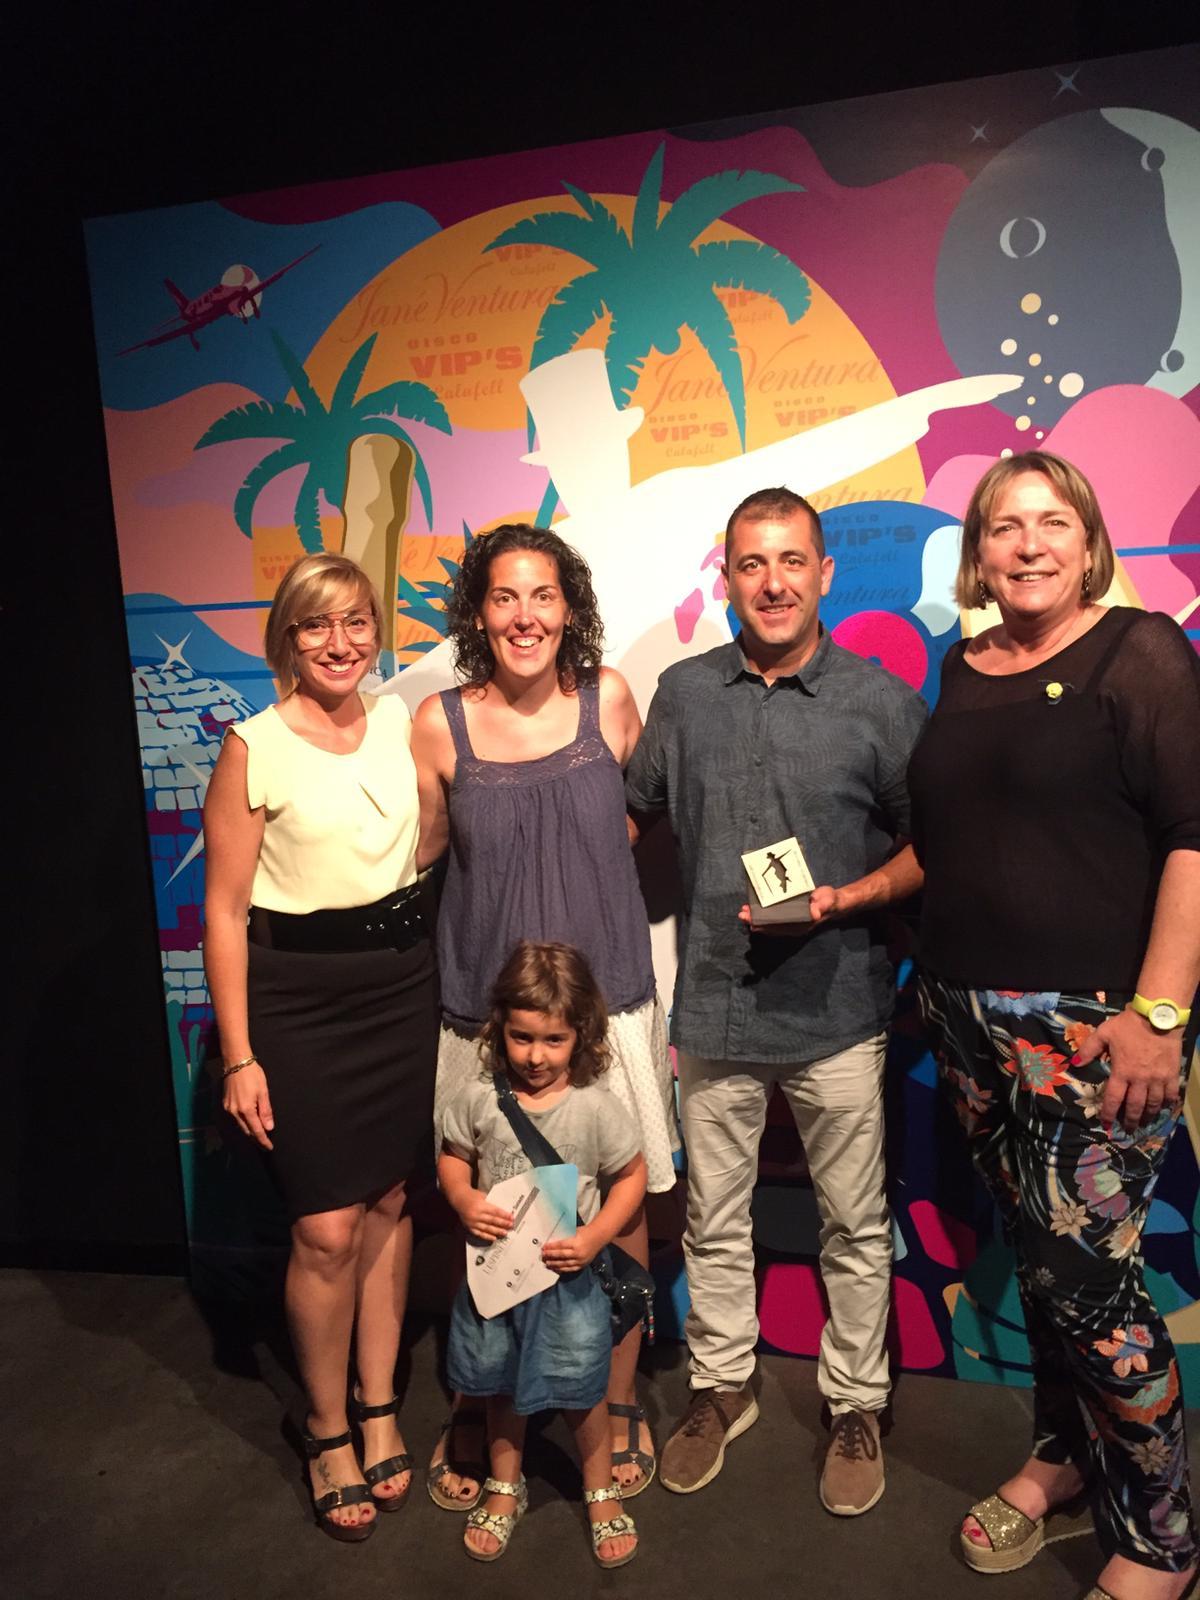 Oli Torclum rep el Premi de Creativitat Comarcal dels Premis 2019 Vip's Calafell